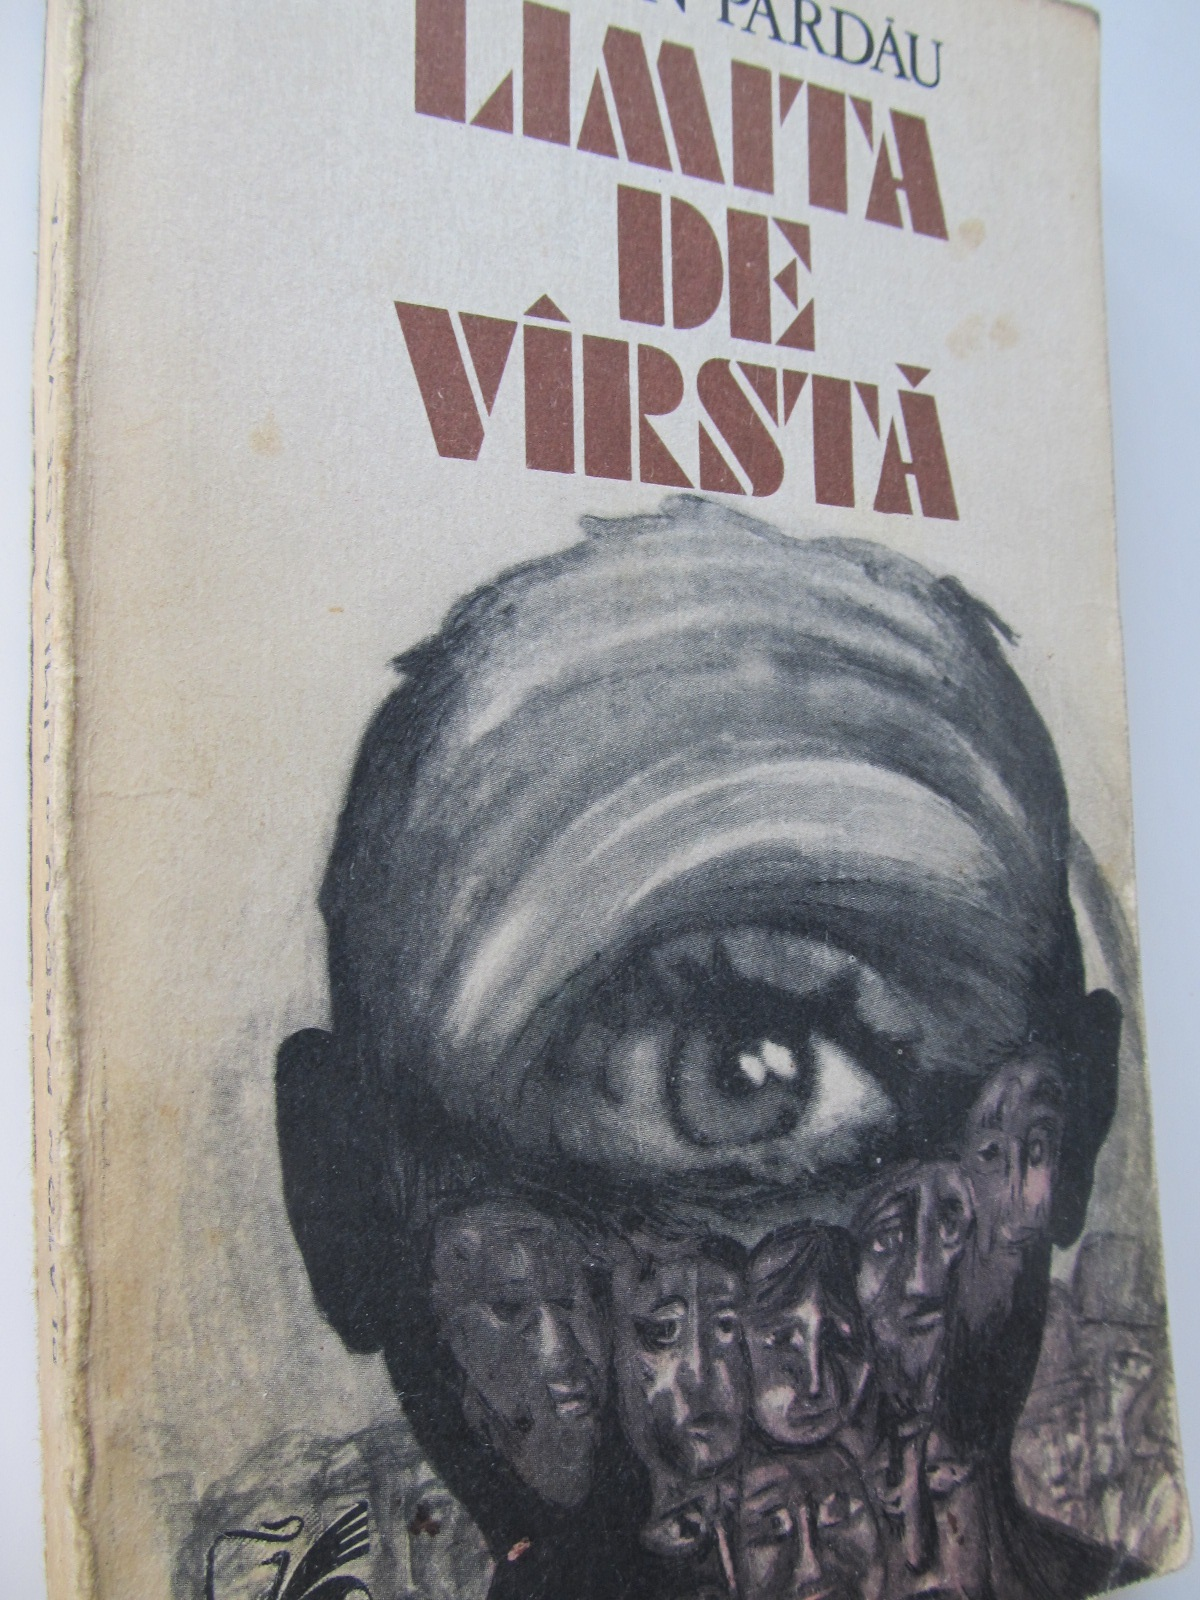 Limita de varsta - Platon Pardau | Detalii carte